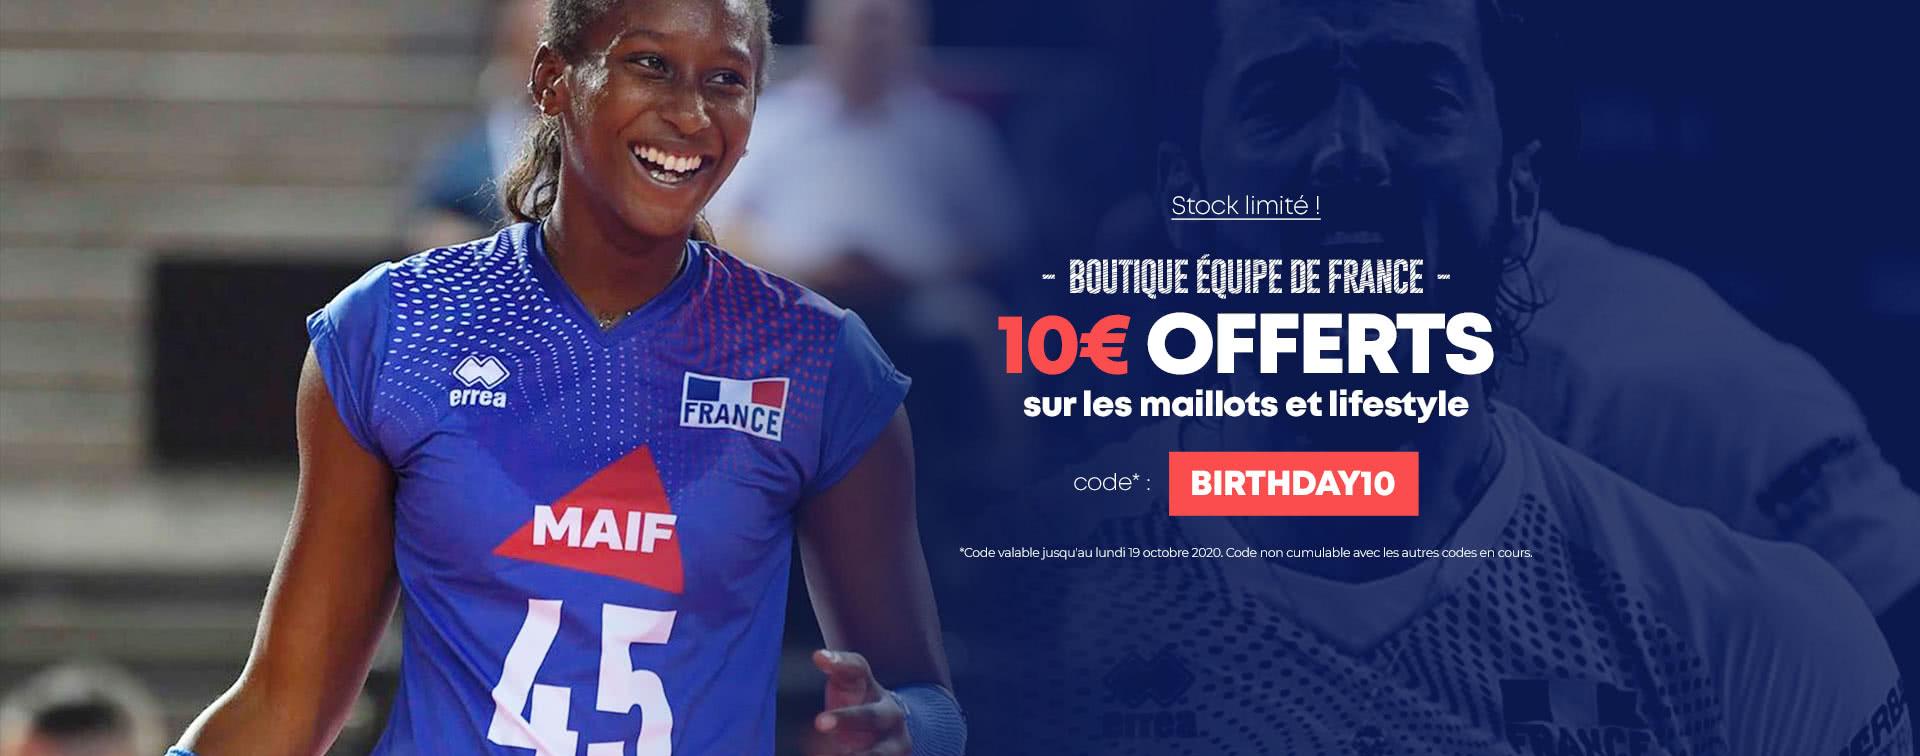 10€ offerts sur les maillots de l'équipe de France de volleyball